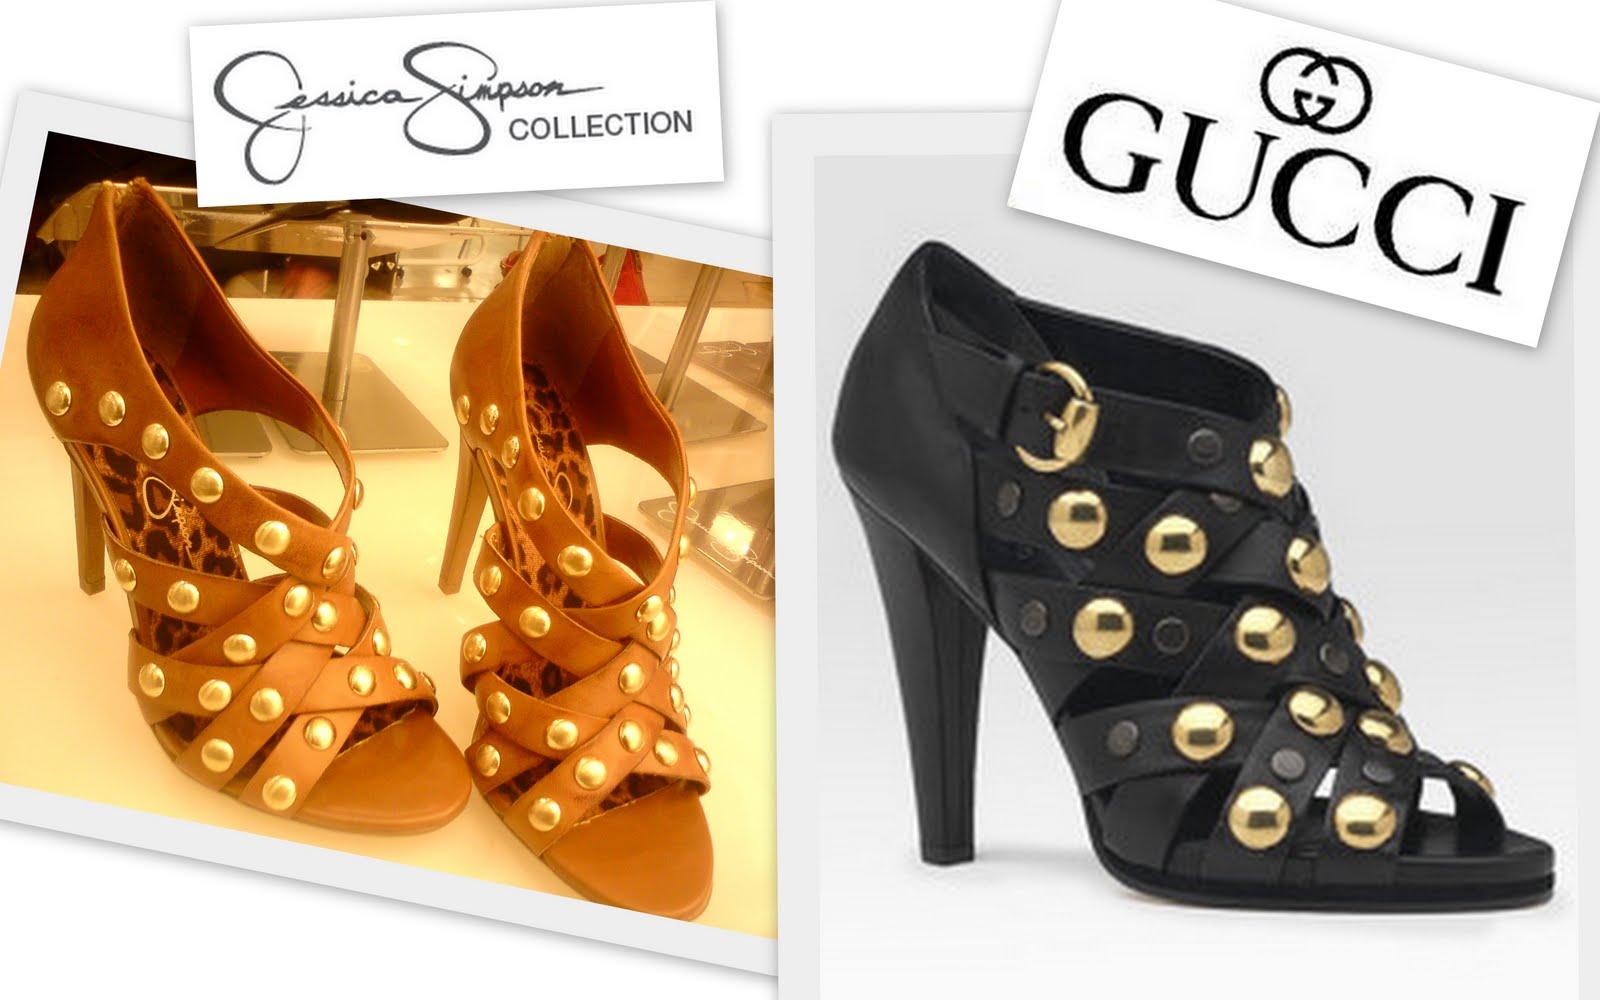 http://4.bp.blogspot.com/_KN274iHTSLM/S-x76CFF1NI/AAAAAAAAJ_A/GdBl7cqC3kk/s1600/Gucci+jessica+simpson.jpg